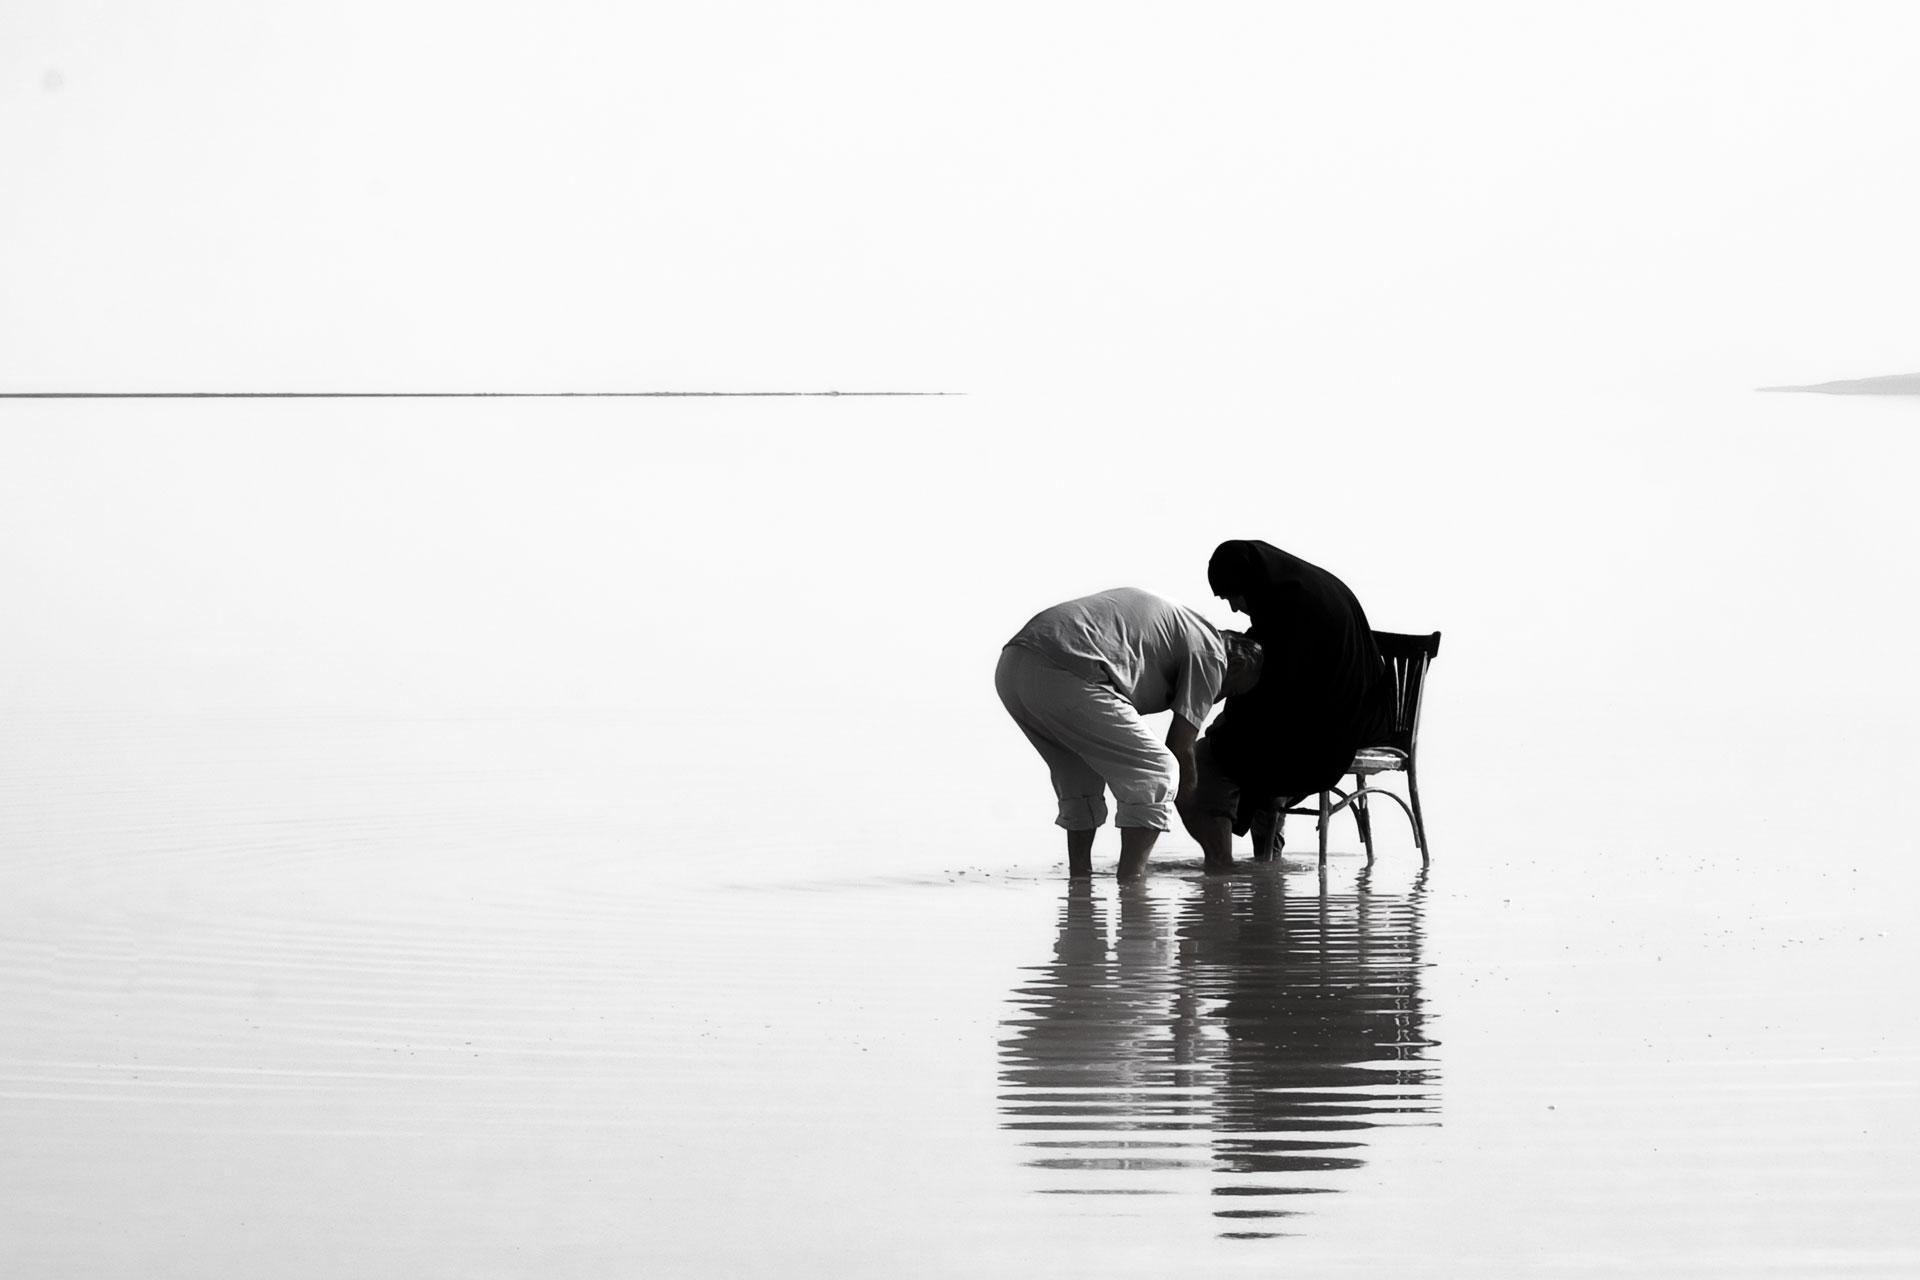 Tuz Gölü Fotoğrafları Tuz gölü resimleri tuz gölünde  karısının ayaklarını yıkayan adam Çekergezer Hakan Aydın Fotoğrafları Tuz Gölü görselleri